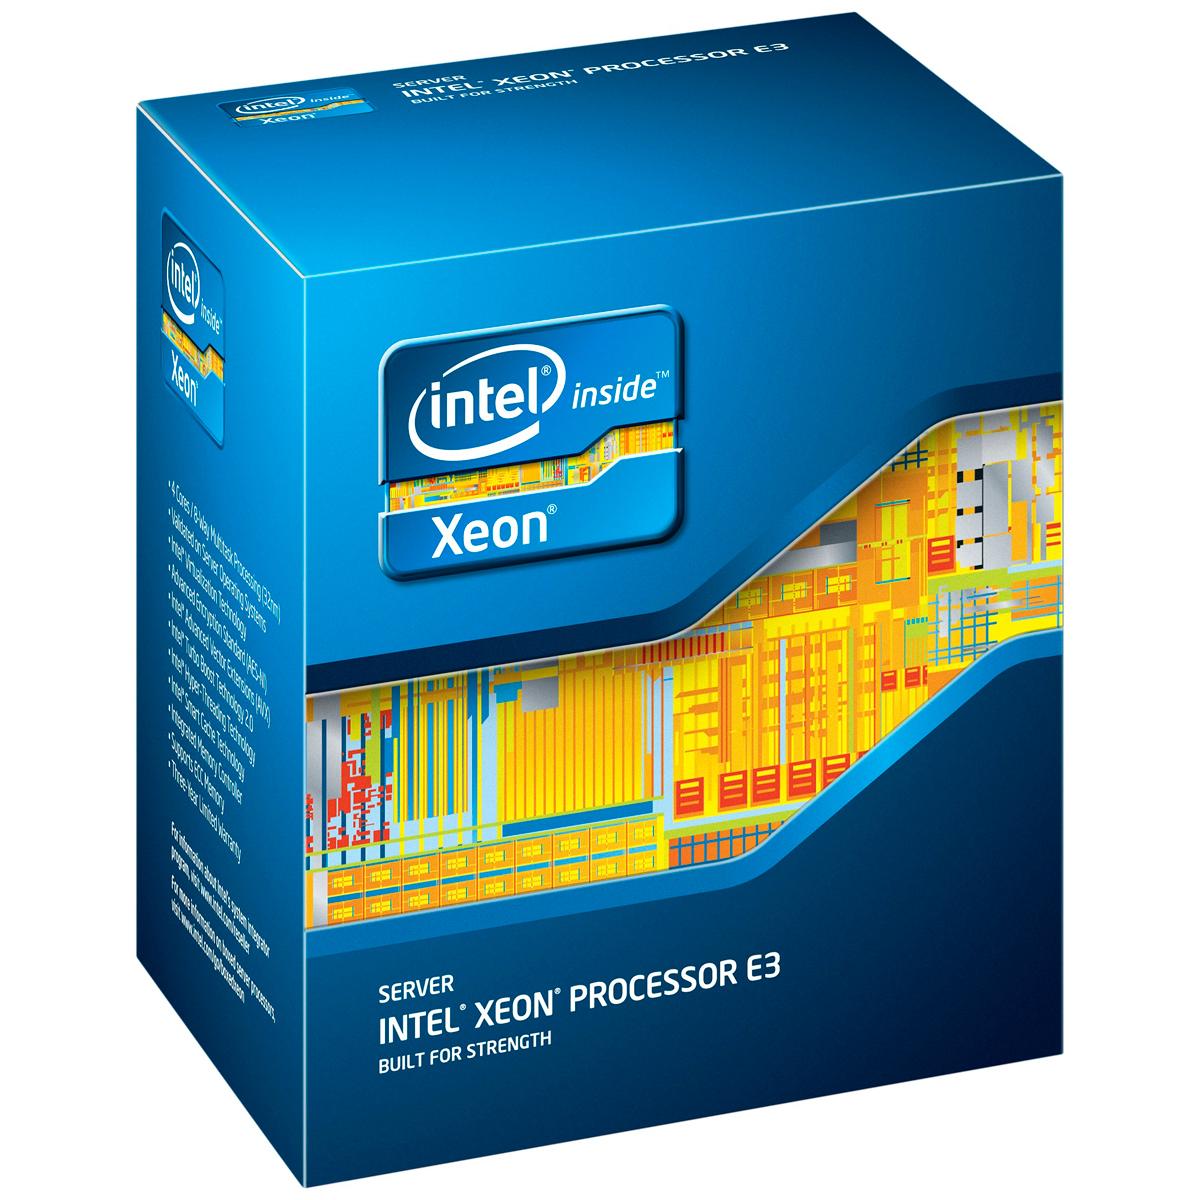 Processeur Intel Xeon E3-1245V3 (3.4 GHz) Processeur Quad Core Socket 1150 DMI 5 GT/s Cache 8 Mo 0.022 micron (version boîte avec ventilateur - garantie Intel 3 ans)